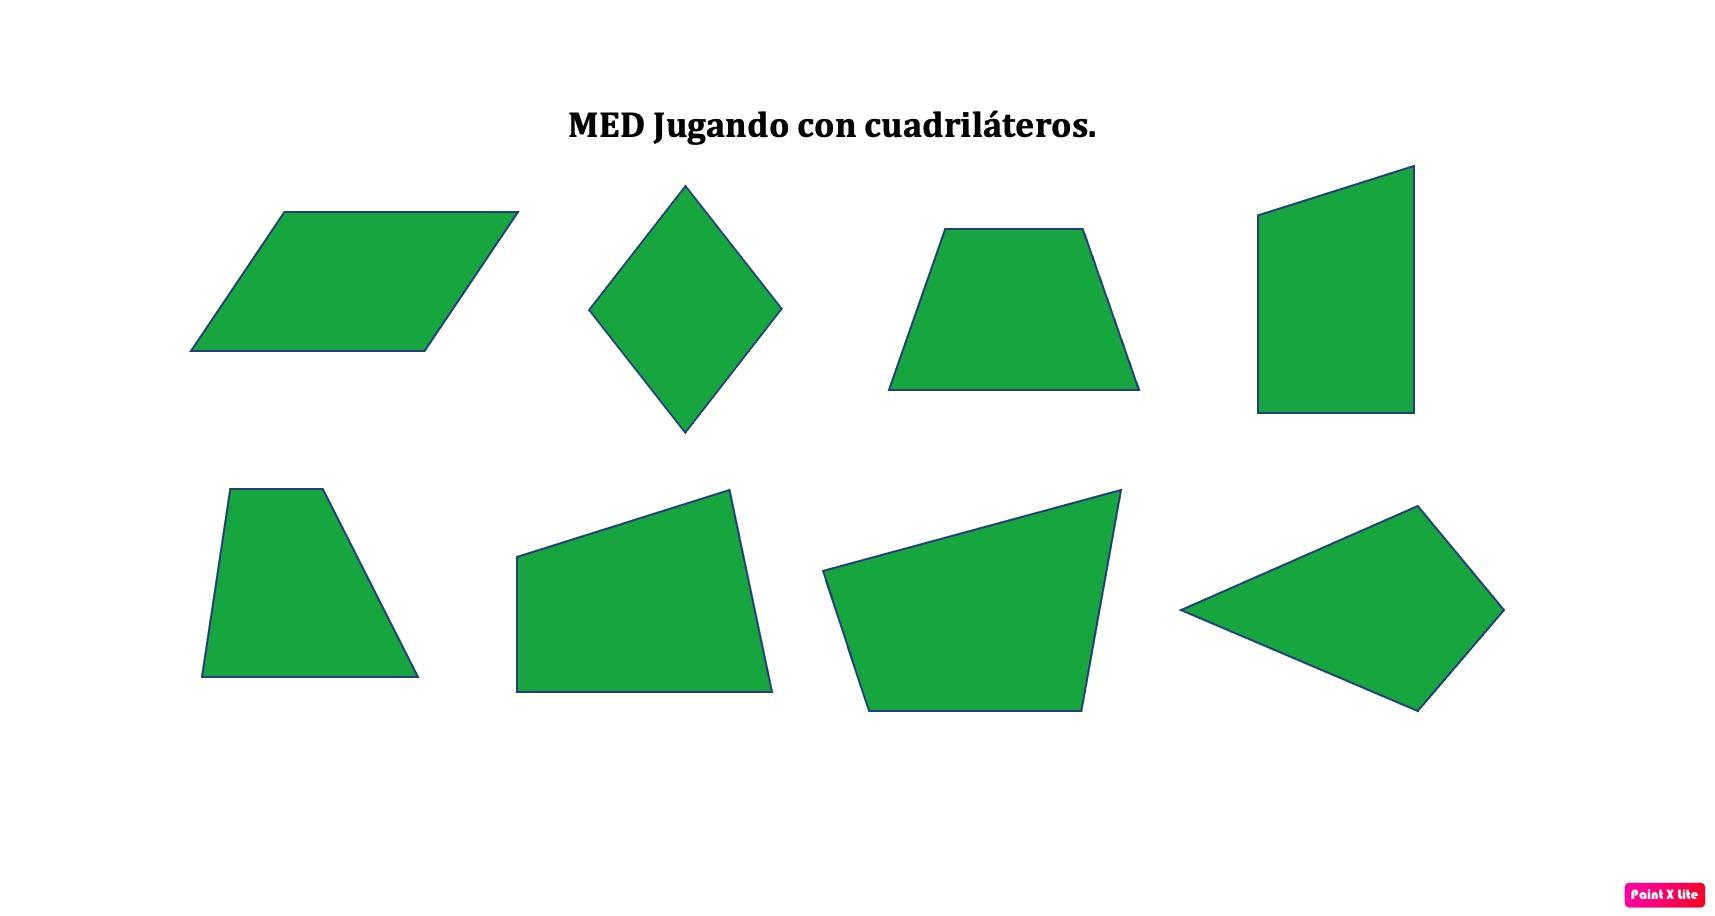 Jugando+con+cuadrila%CC%81teros.jpg